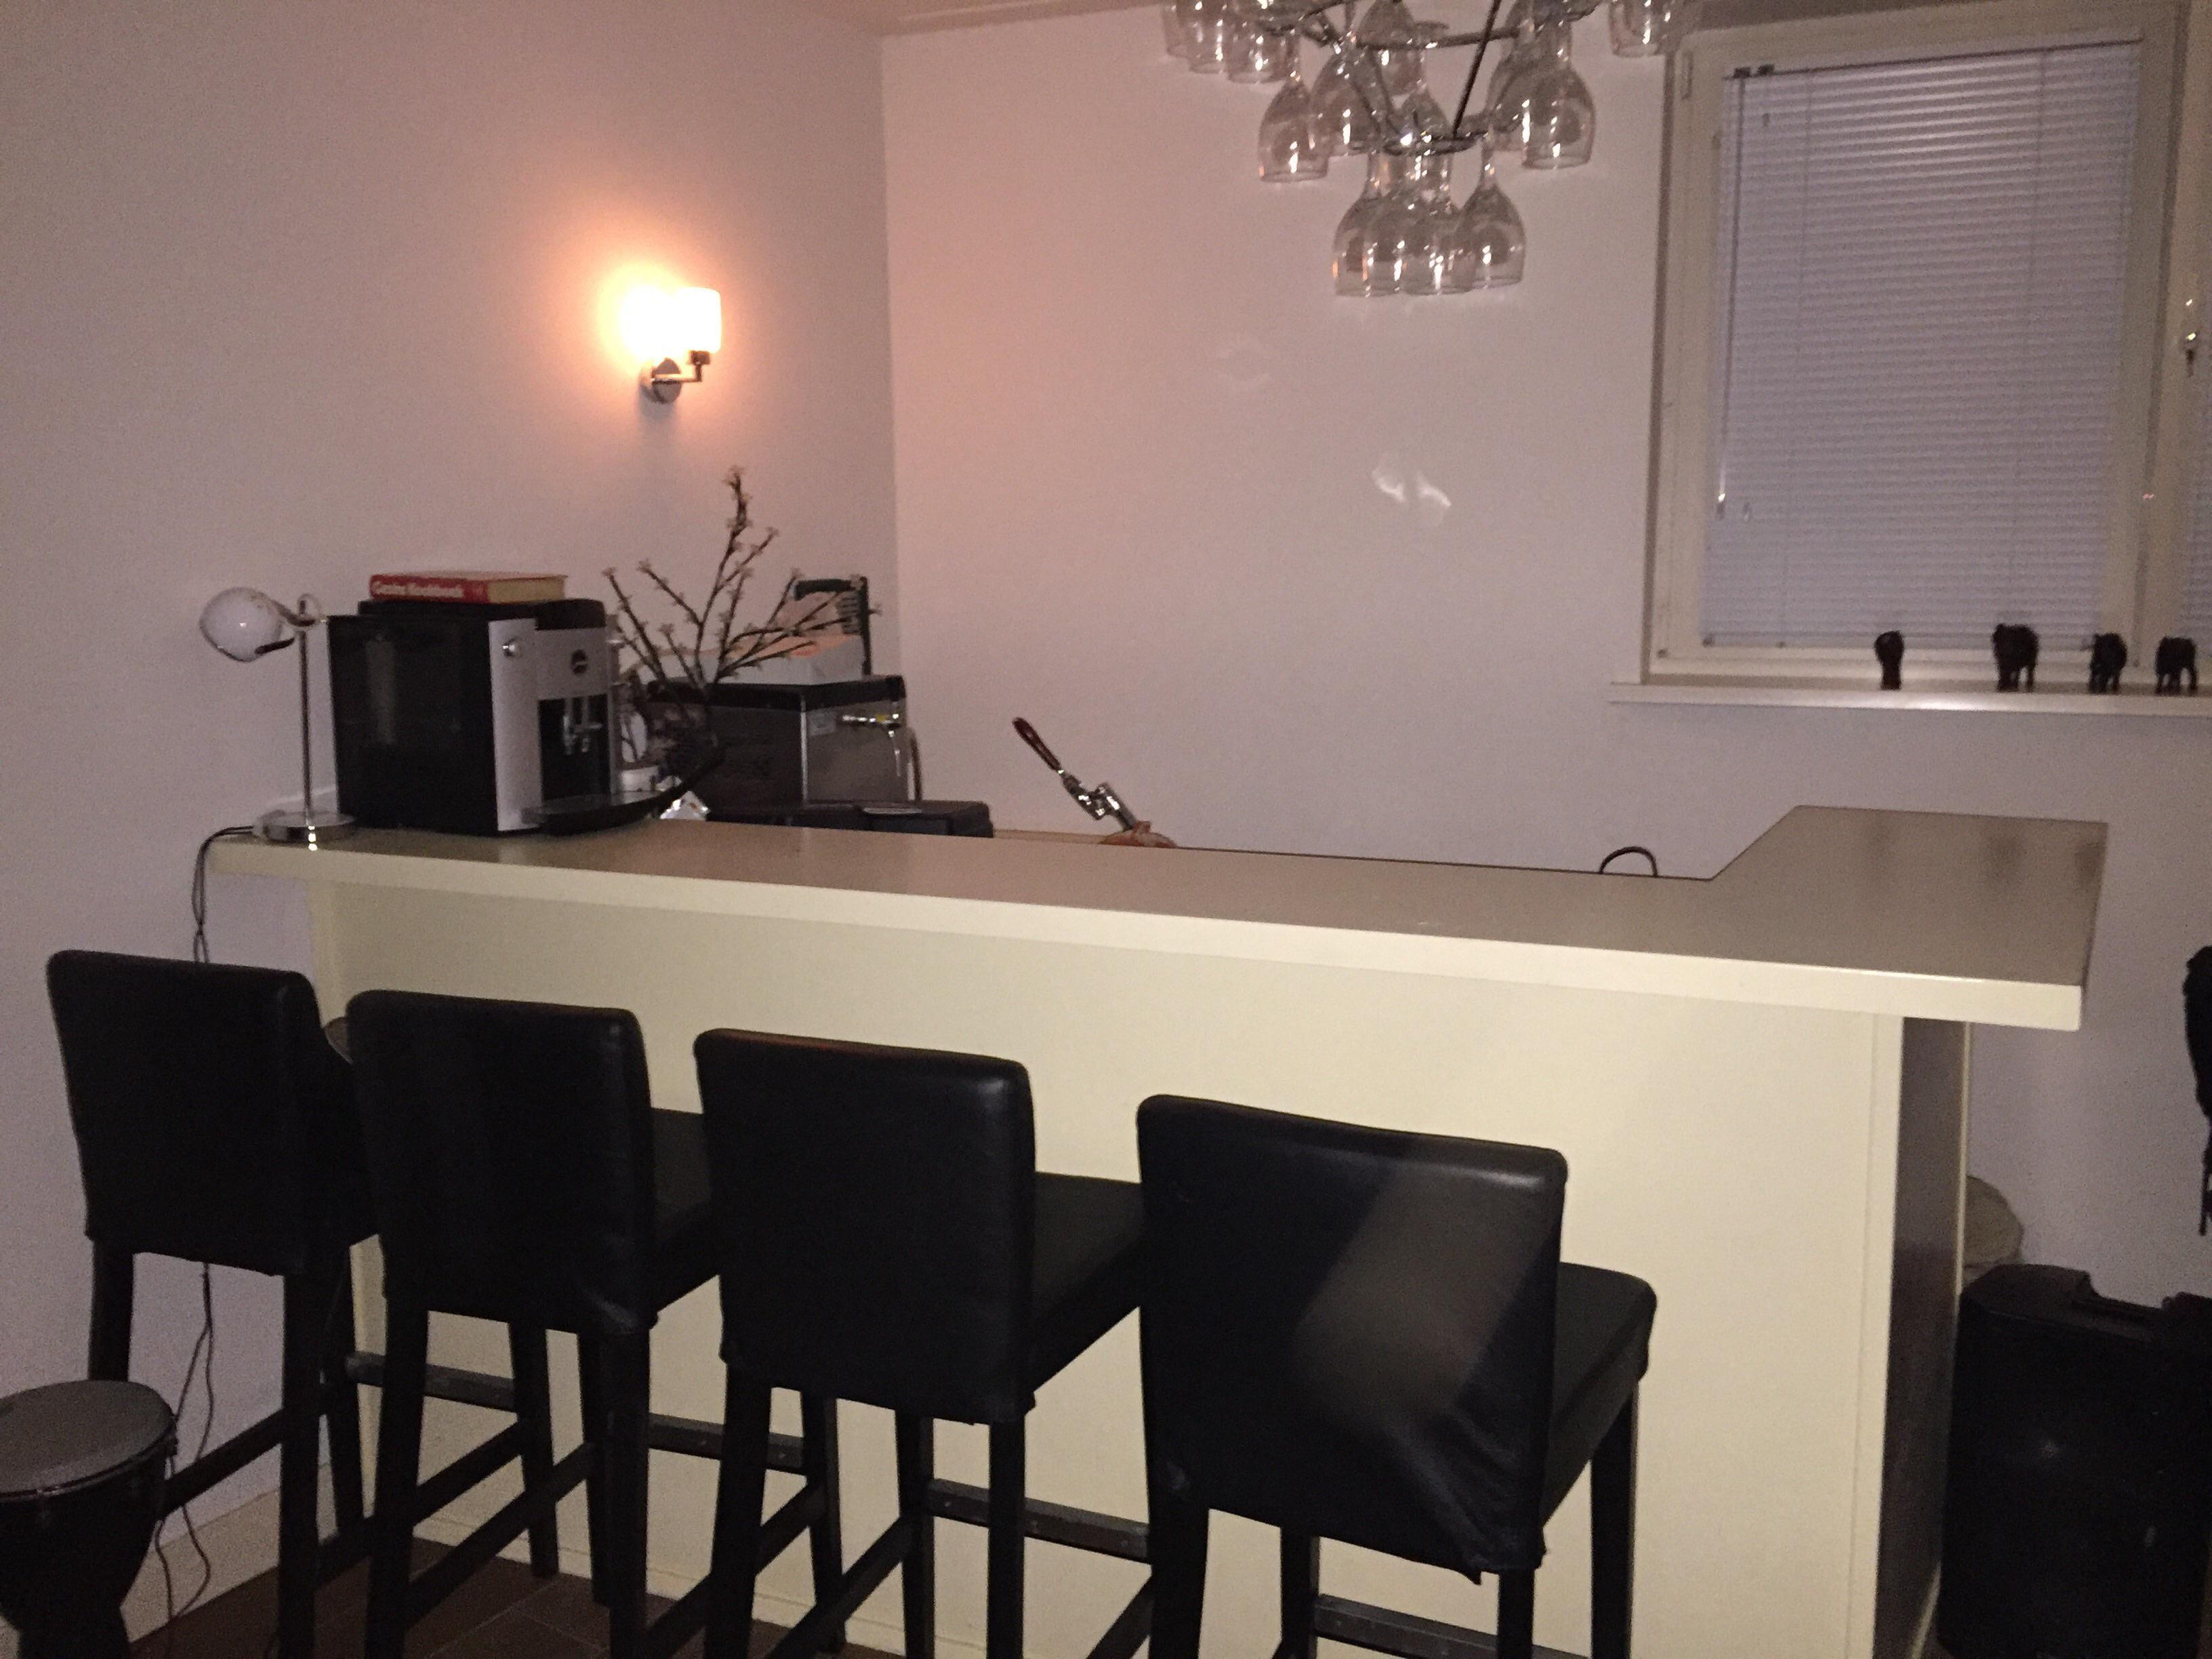 Spiksplinternieuw Complete Bar met Biertap Barkrukken en Spoelbak | mercado.nl TU-01